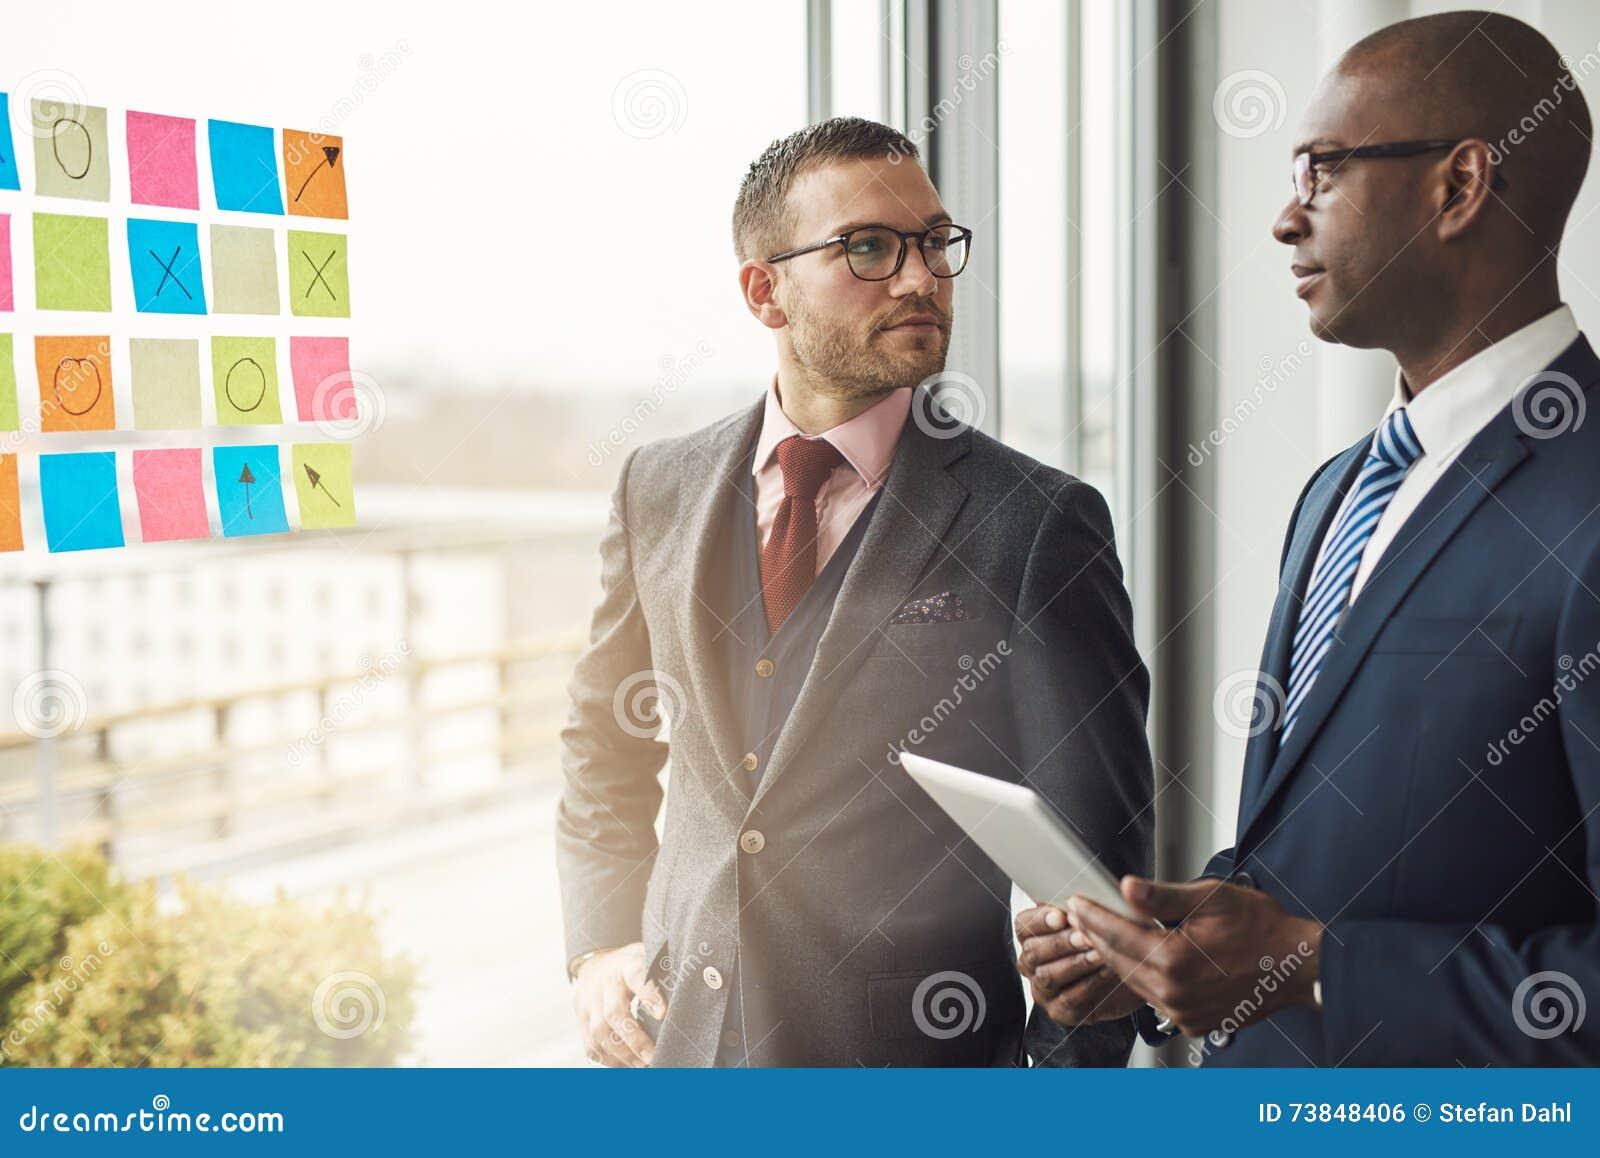 Kaukaski i Afrykański biznesmen w spotkaniu